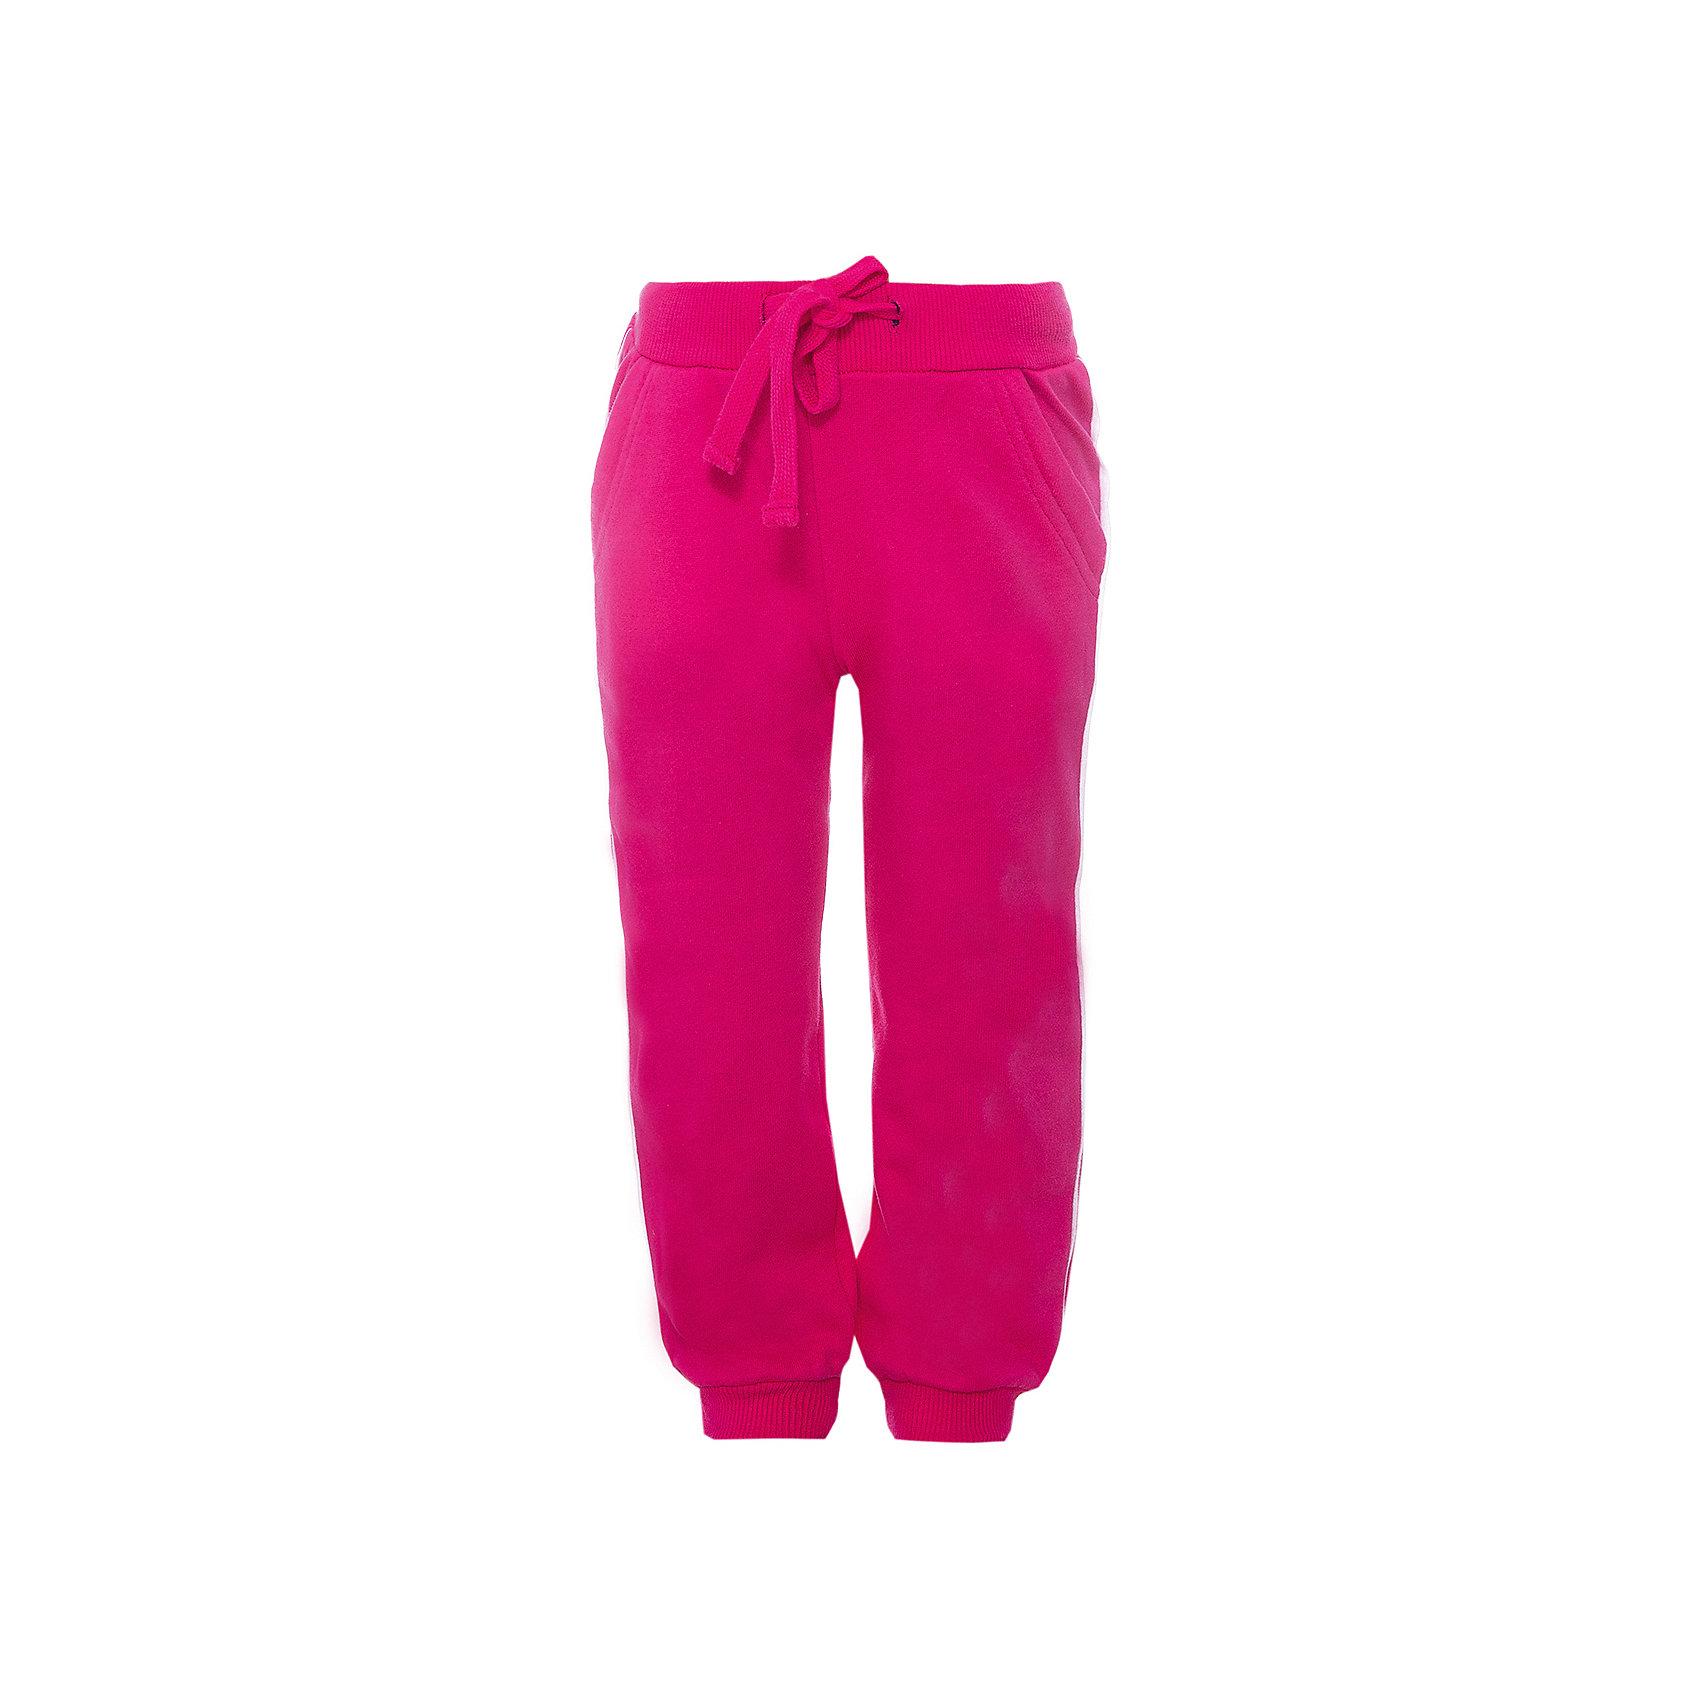 Брюки для девочки PlayTodayБрюки<br>Брюки для девочки от известного бренда PlayToday.<br>Яркие розовые брюки из футера в спортивном стиле. Пояс на резинке, дополнительно регулируется шнурком. По бокам лампасы. Есть два функциональных кармана. Низ шианишек на трикотажной резинке.<br>Состав:<br>80% хлопок, 20% полиэстер<br><br>Ширина мм: 215<br>Глубина мм: 88<br>Высота мм: 191<br>Вес г: 336<br>Цвет: розовый<br>Возраст от месяцев: 24<br>Возраст до месяцев: 36<br>Пол: Женский<br>Возраст: Детский<br>Размер: 104,128,134,140,110,116,98,122<br>SKU: 4897782